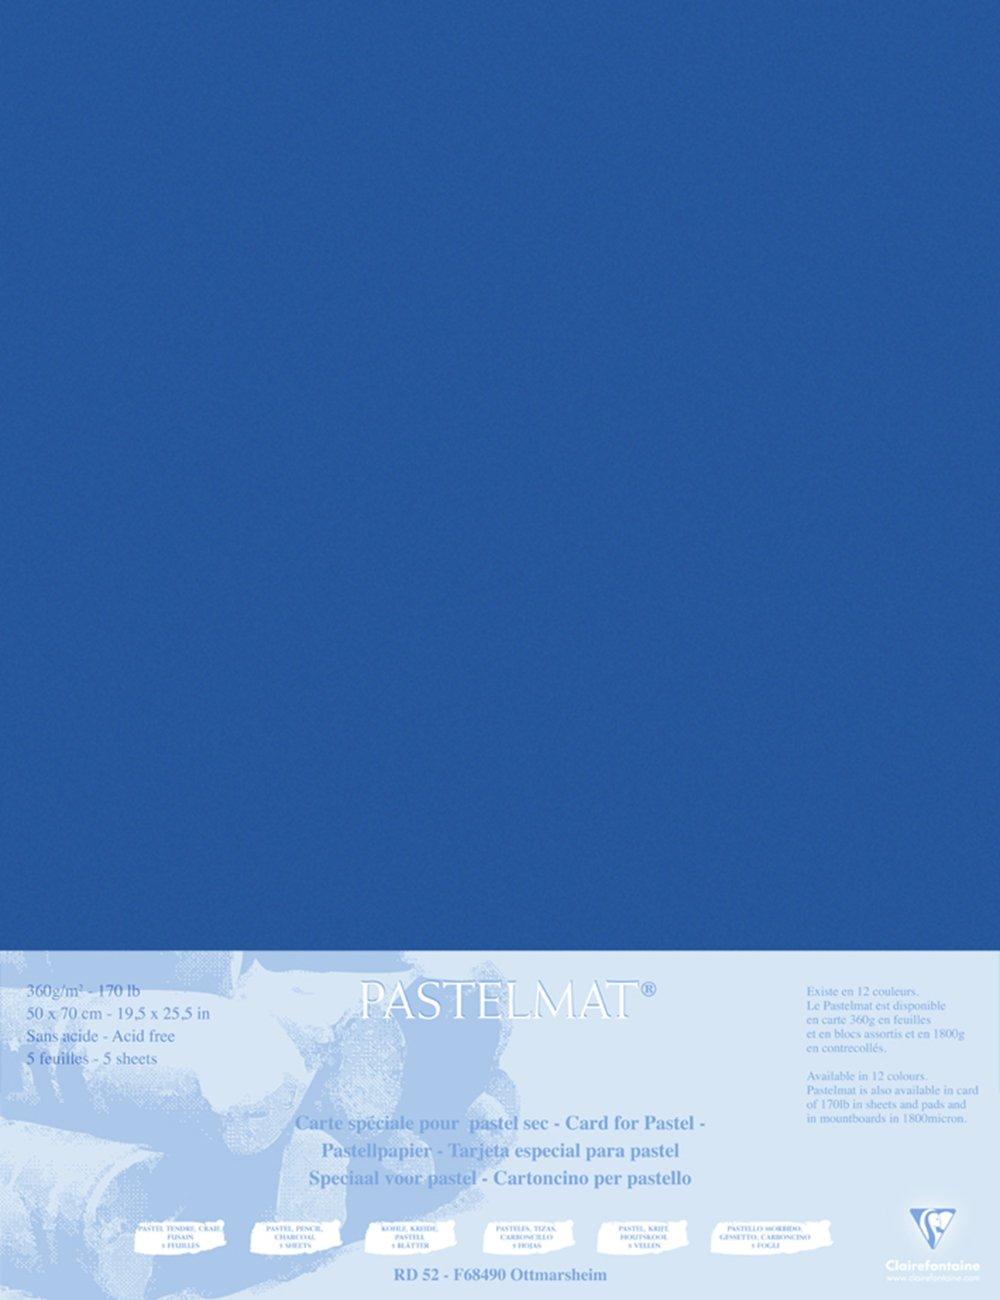 Clairefontaine Clairefontaine Clairefontaine 96011C Packung (mit 5 Zeichenbögen Pastelmat, 50 x 70 cm, 360 g, ideal für Trockentechniken und Pastell) braun B00ZFYUFSS   Verschiedene Arten und Stile  5fbb59